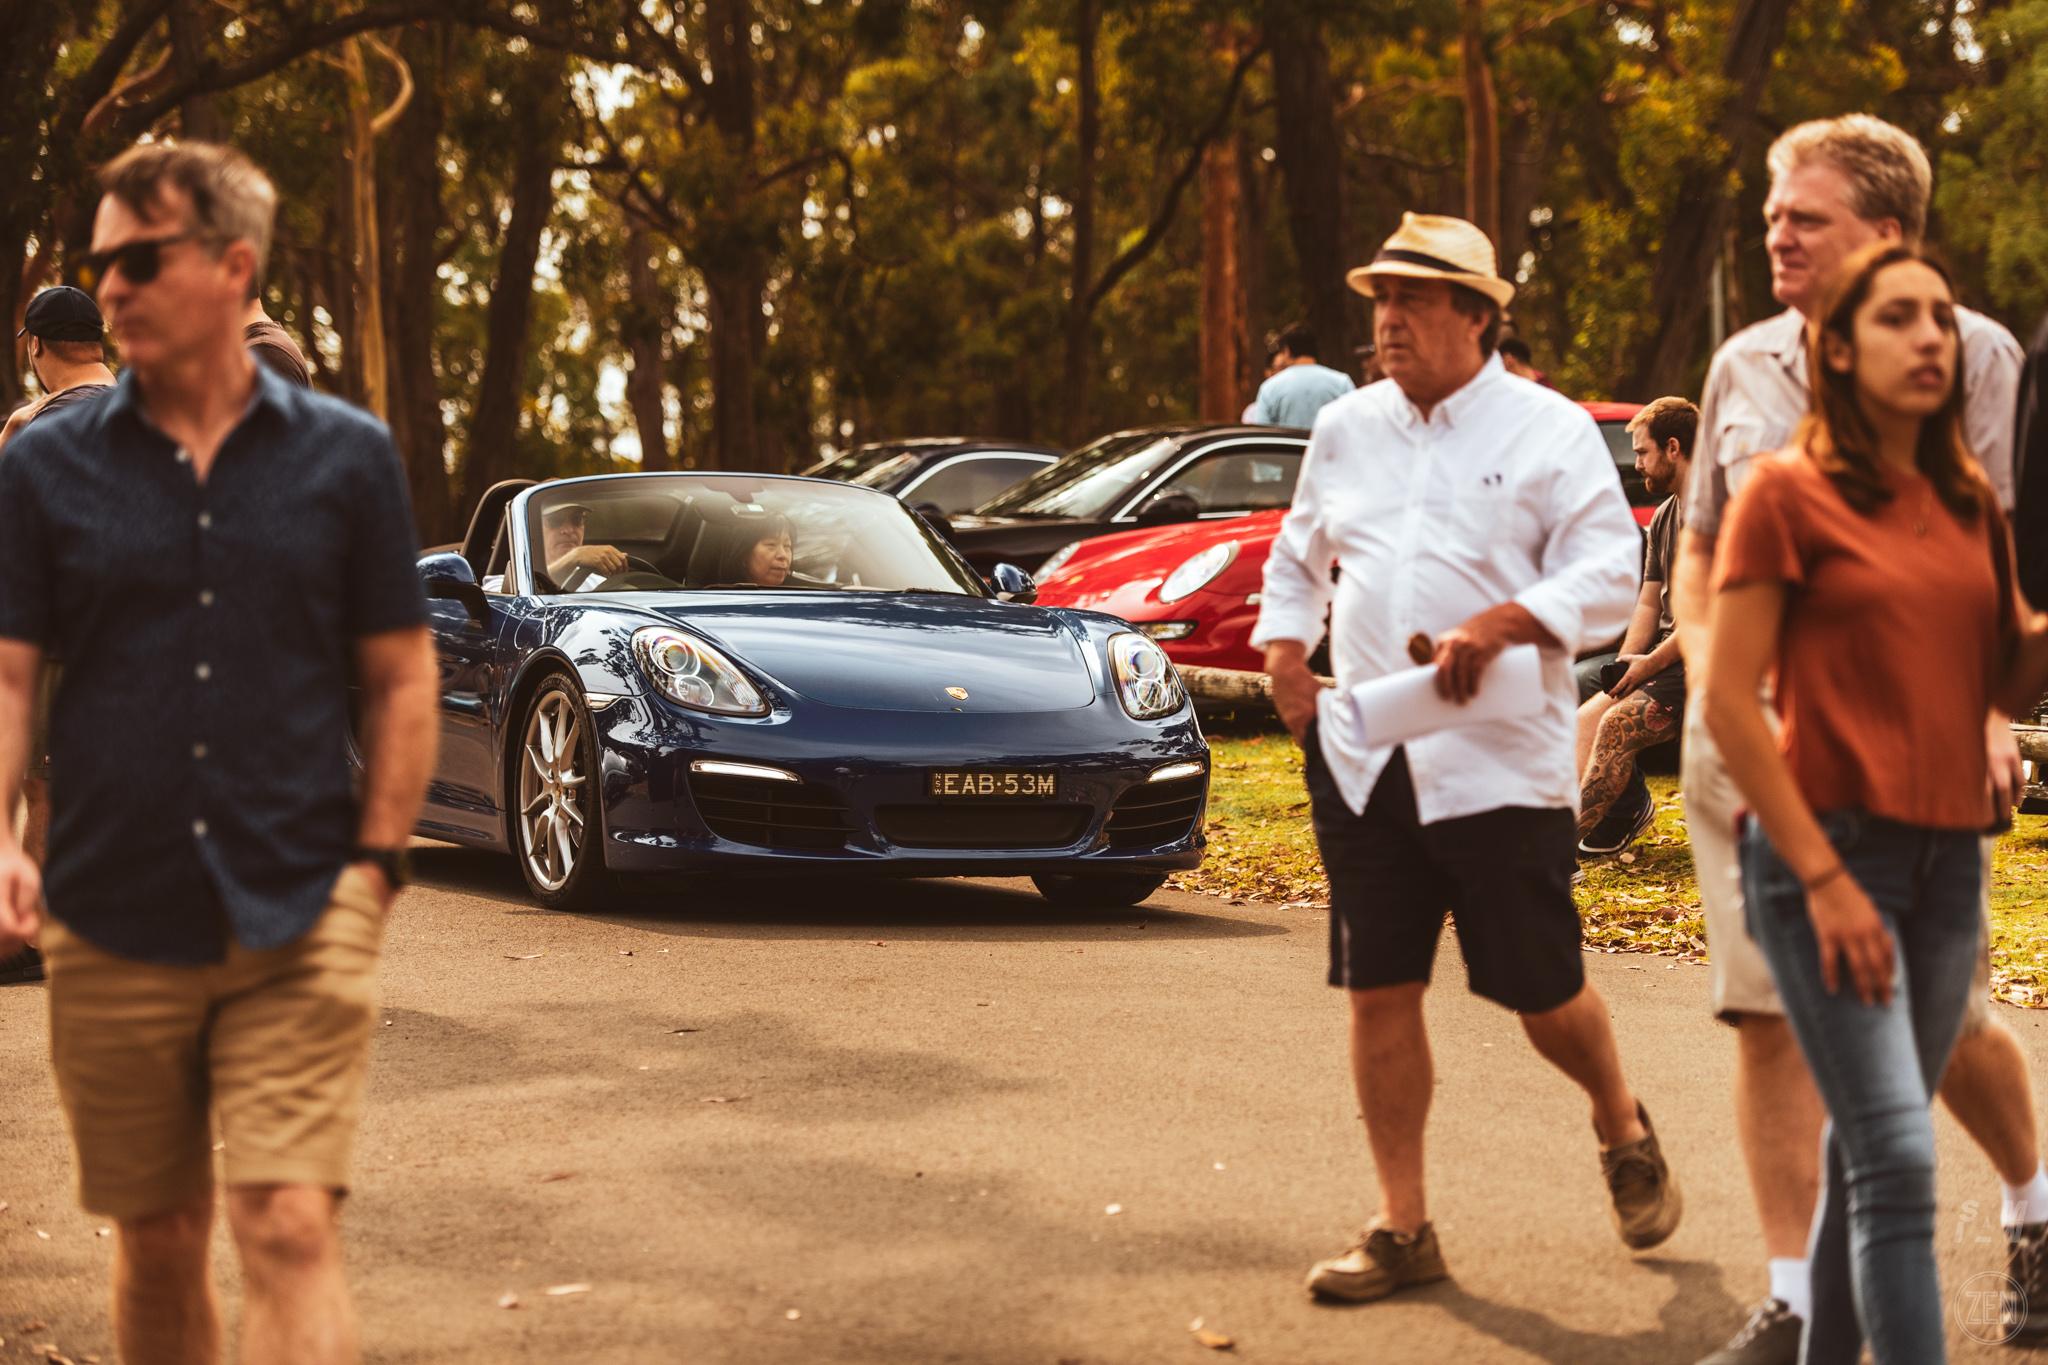 2019-12-08 - Porsches & Coffee 147